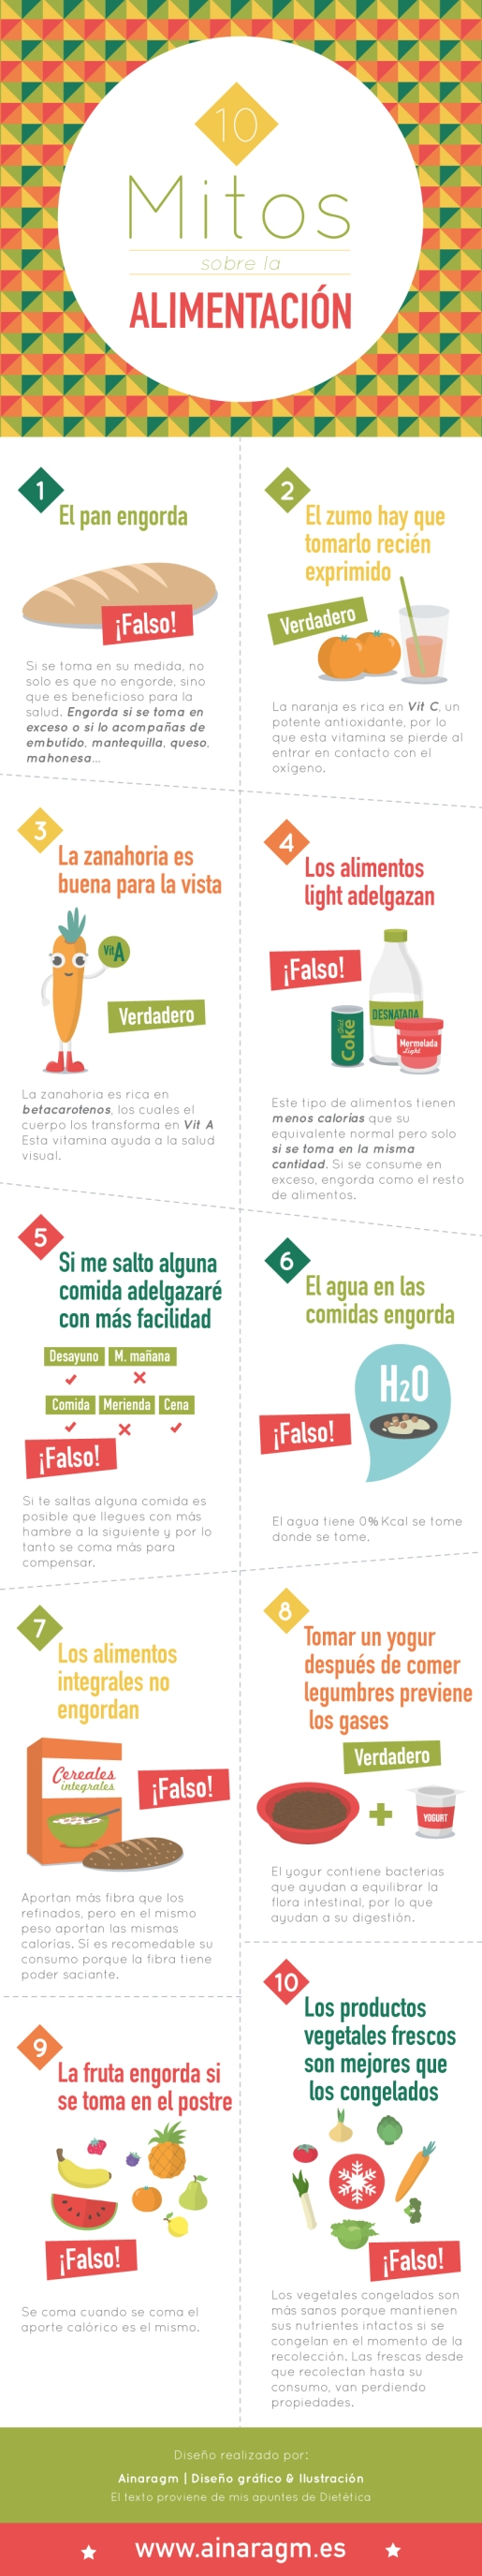 info_mitos_alimentacion